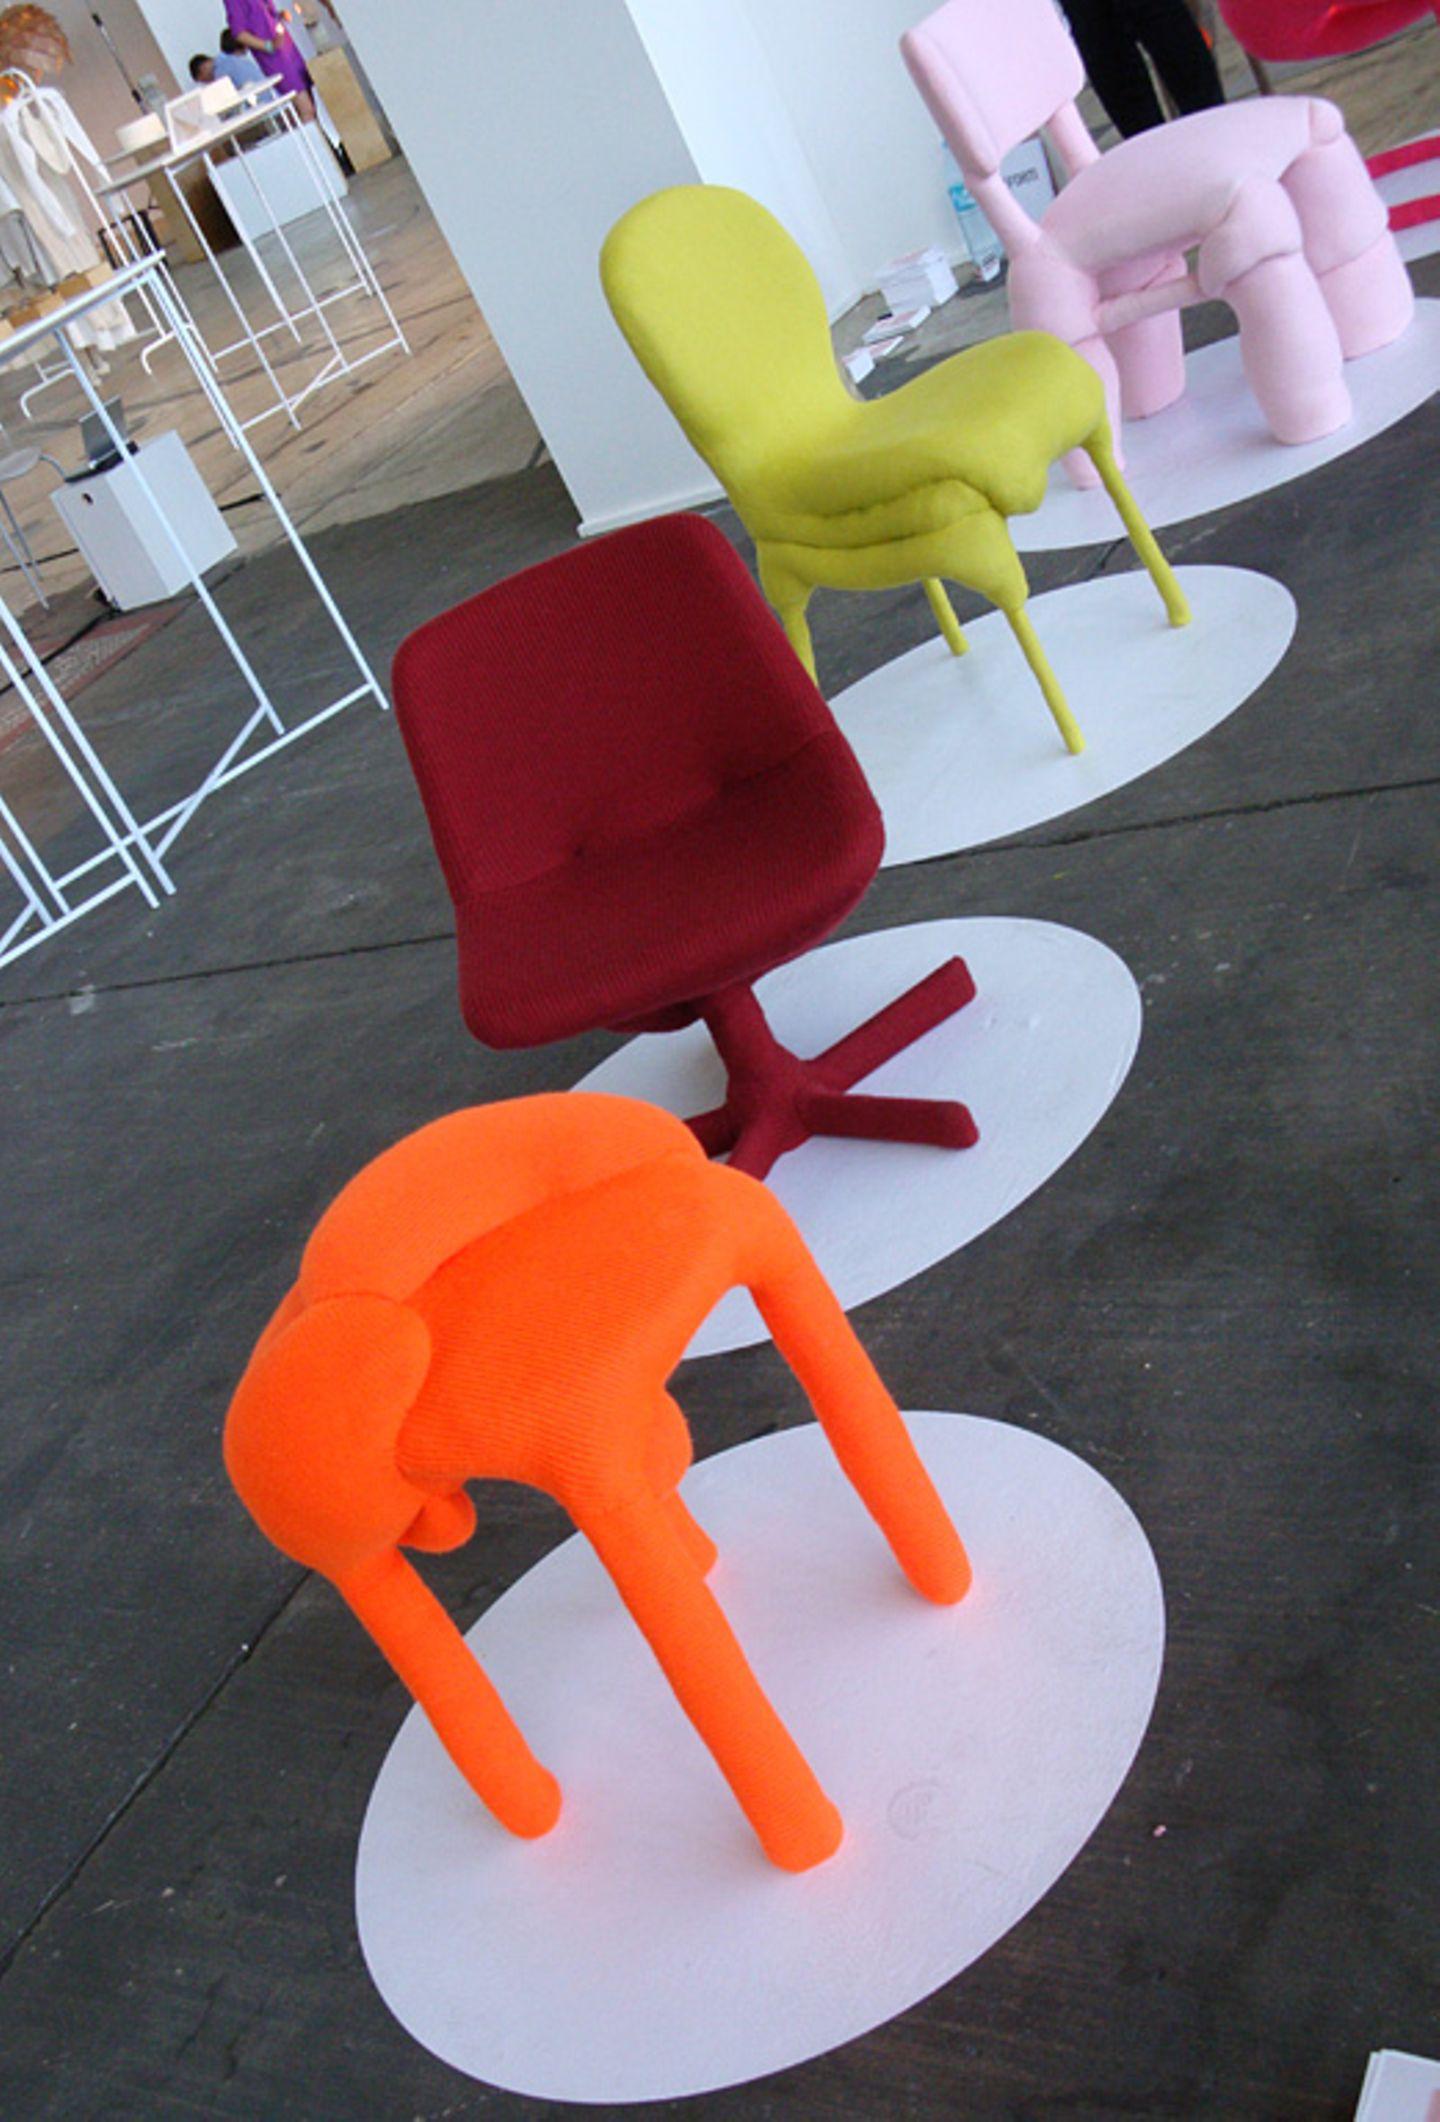 """Hässlich oder schön? Diesen Widerspruch sollen die Sitzmöbel """"Deform"""" von Melina Krais in Frage stellen. Sie haben Beulen sowie…"""